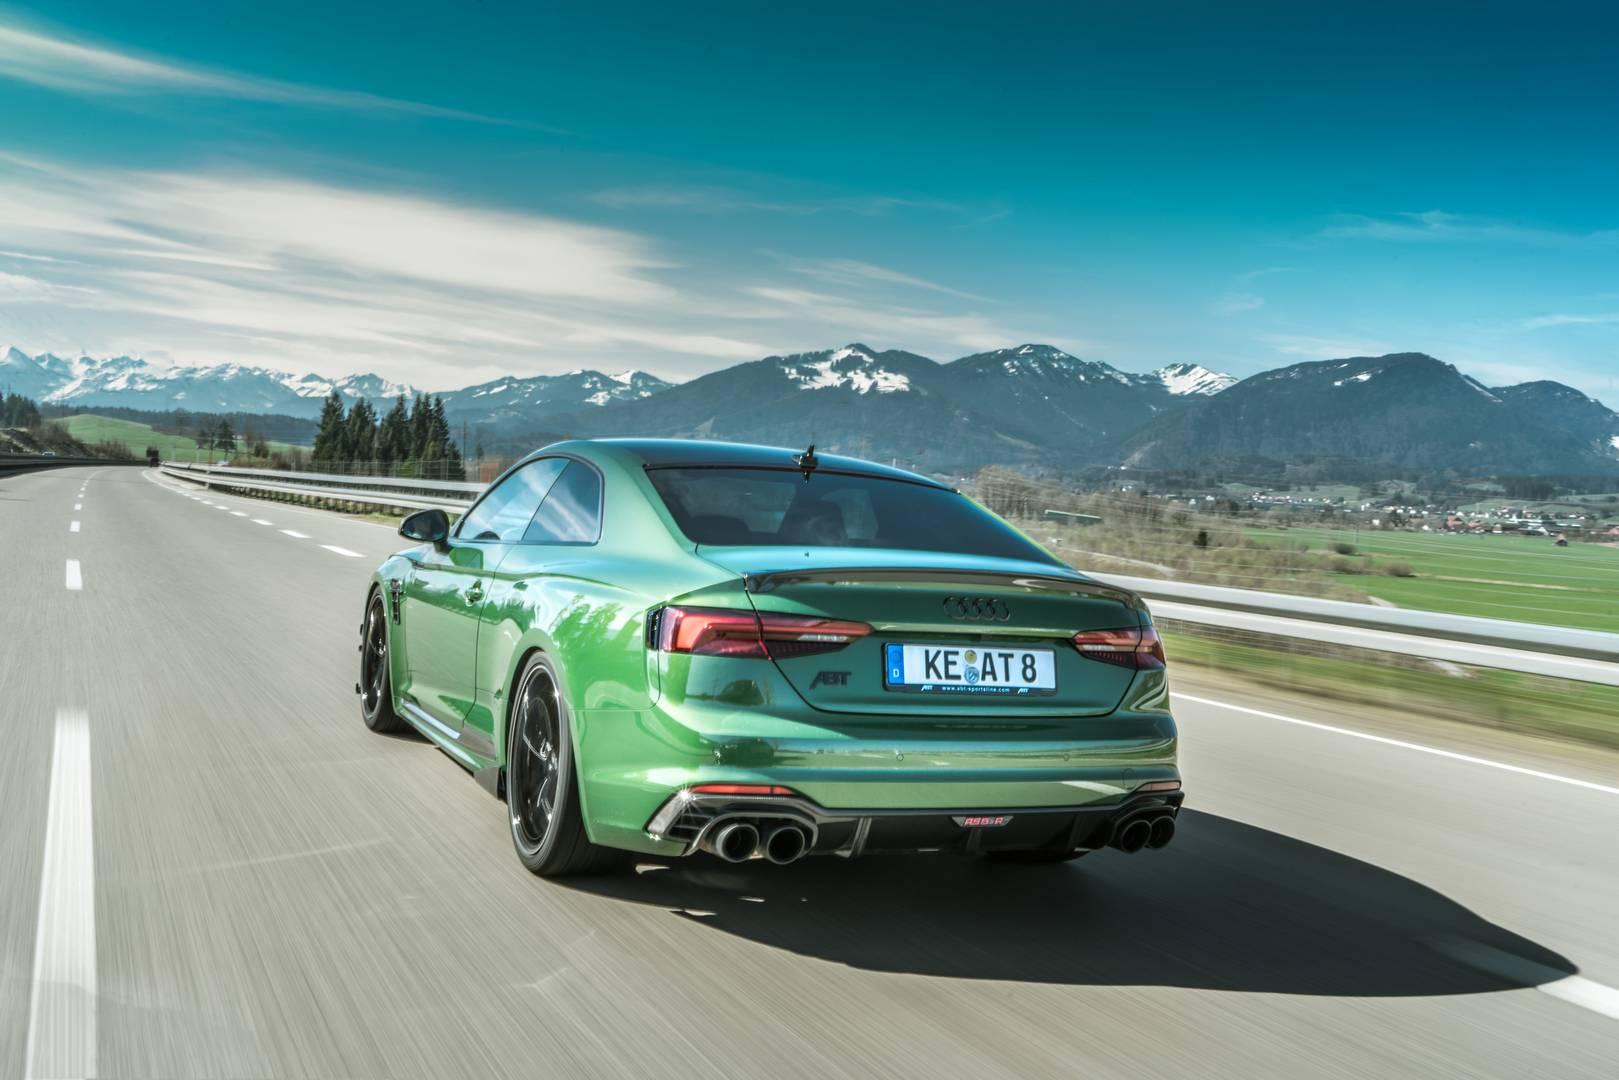 Обе машины - ABT RS4-R и RS5-R - используют тот же 2,9-литровый би турбо двигатель V6, который стоит в стоковых автомобилях. ABT увеличивает 450-сильный двигатель на дополнительные 80 л.с. до пиковых 530 л.с. и 690 Нм крутящего момента. Мощность дост